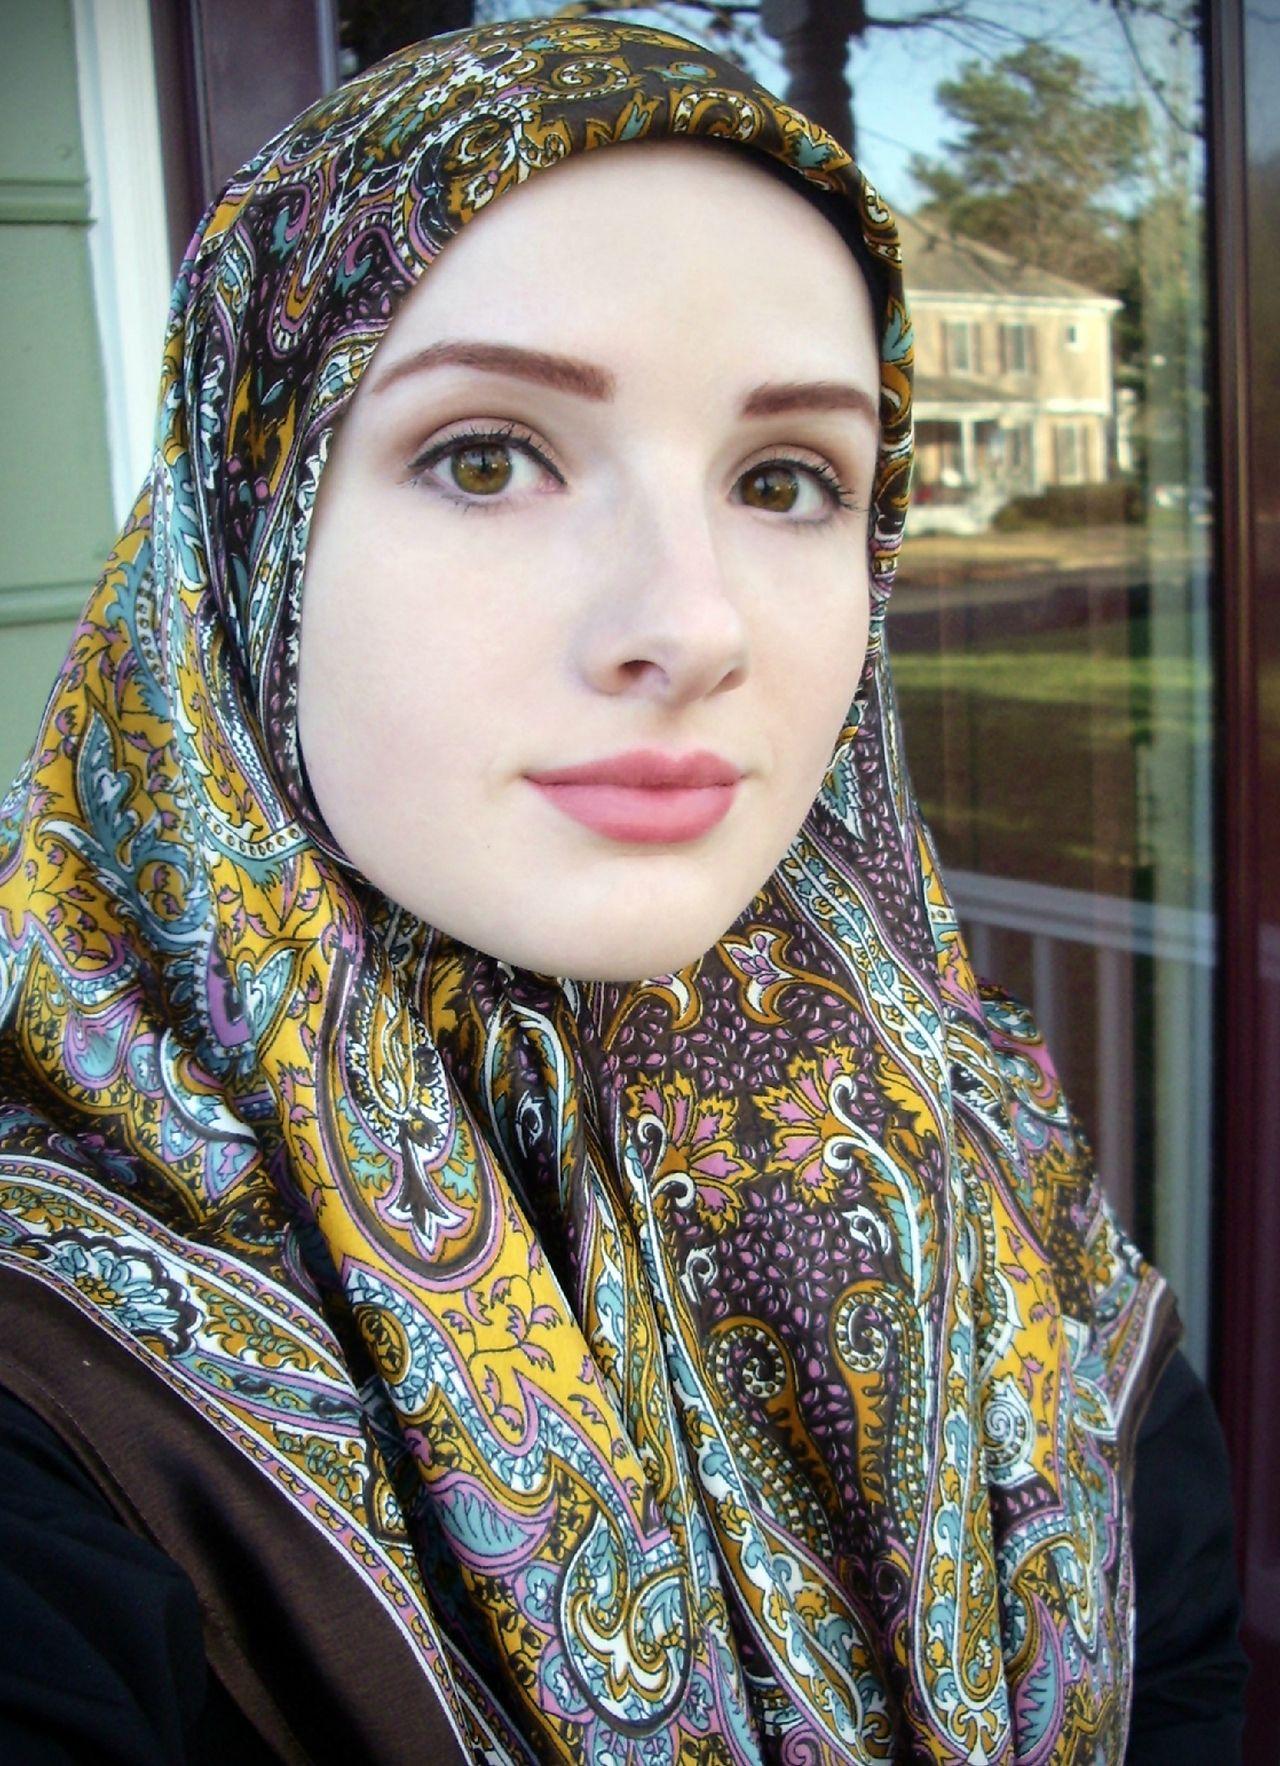 hot girl hijab